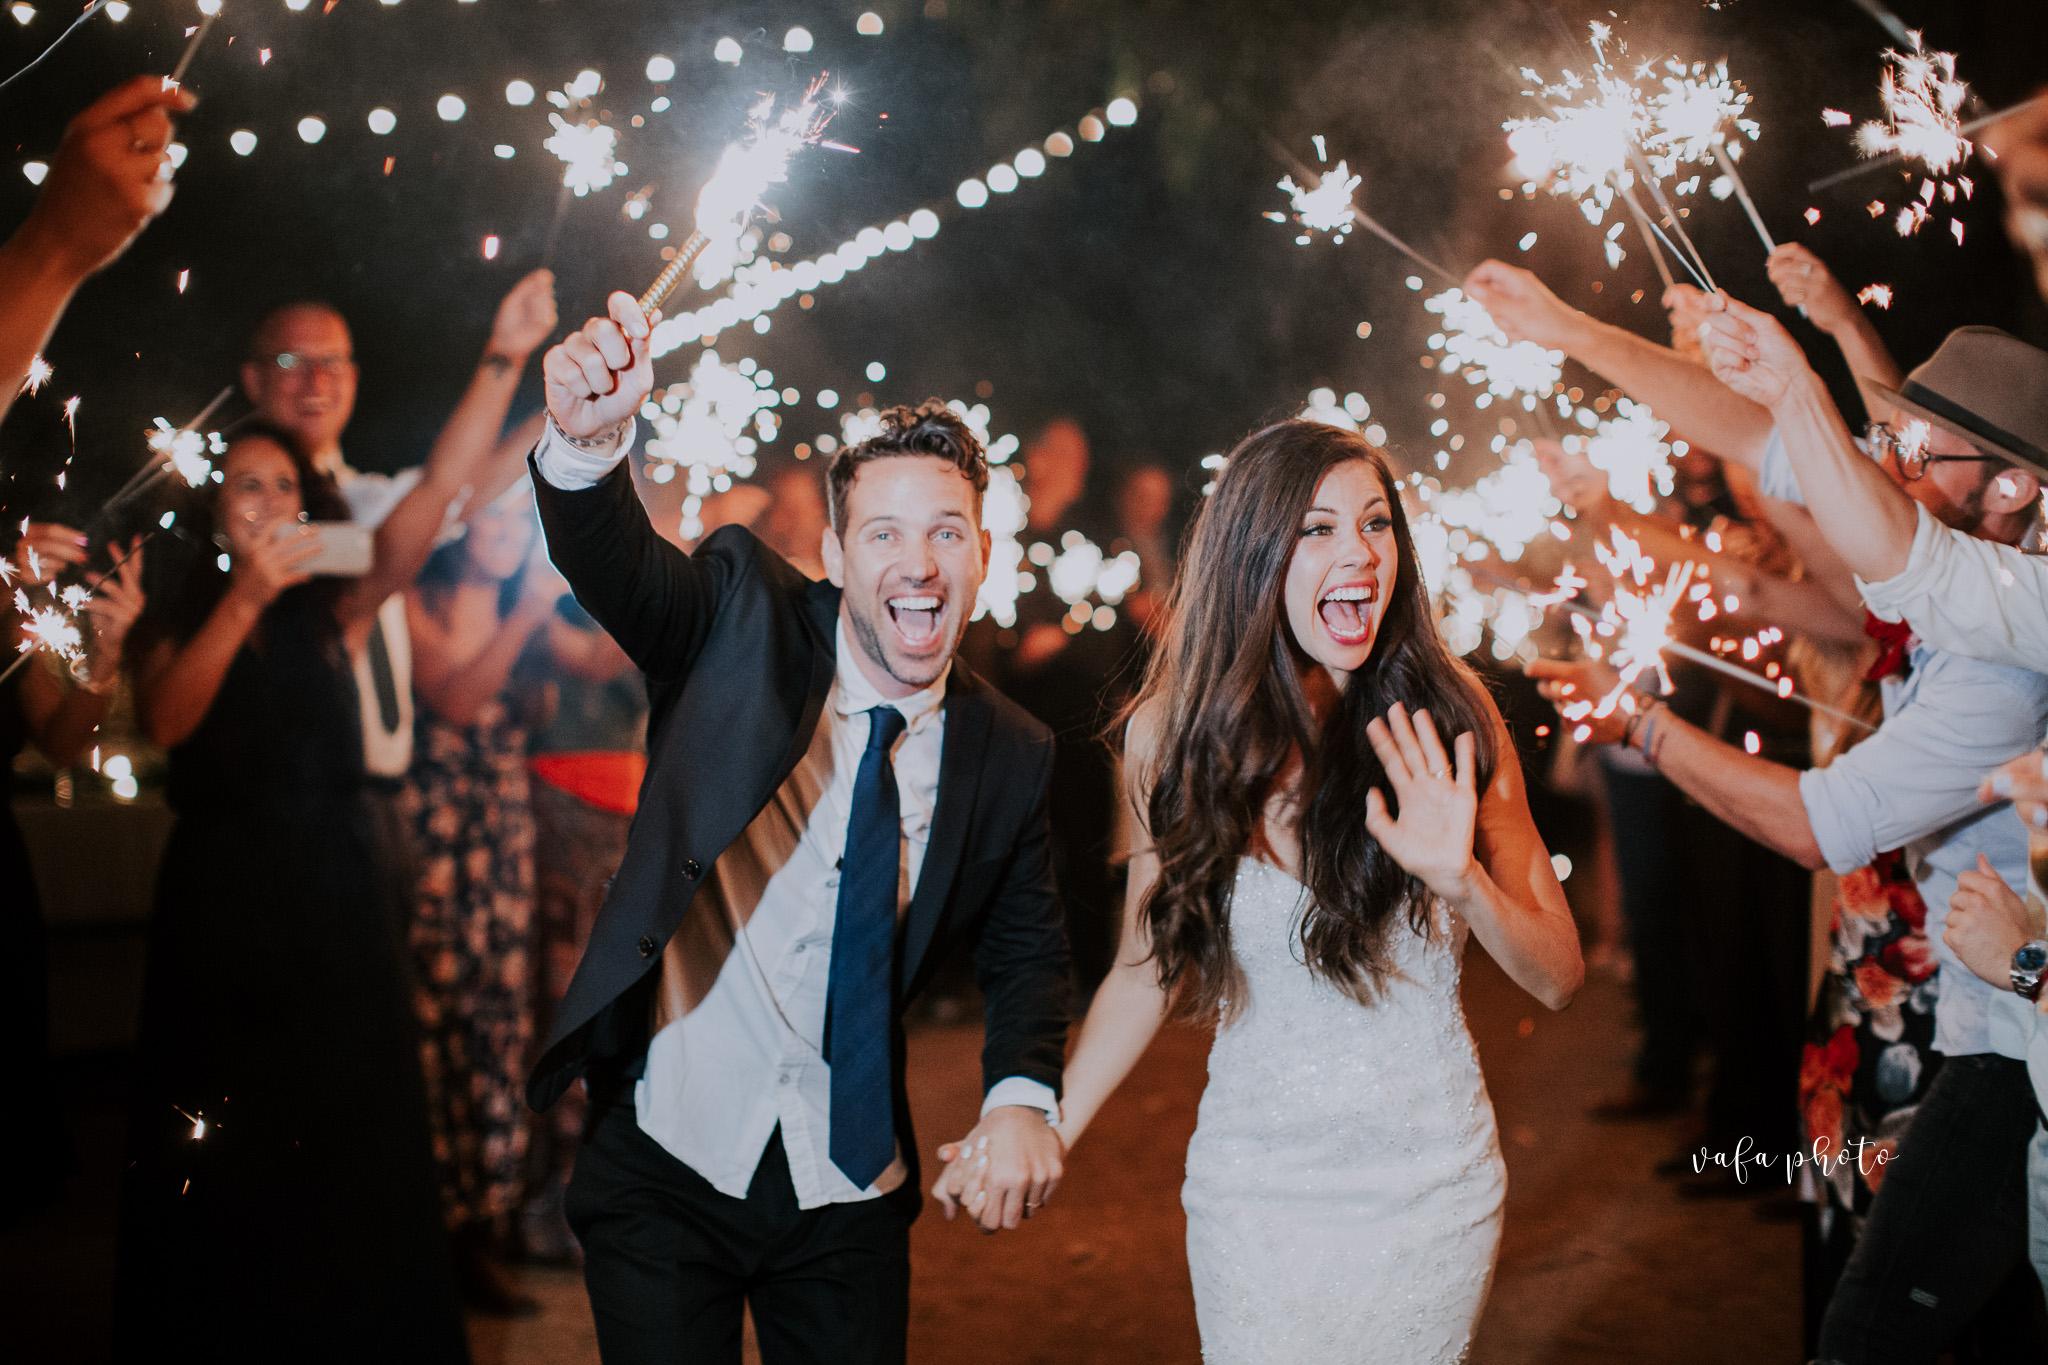 Southern-California-Wedding-Britt-Nilsson-Jeremy-Byrne-Vafa-Photo-1134.jpg